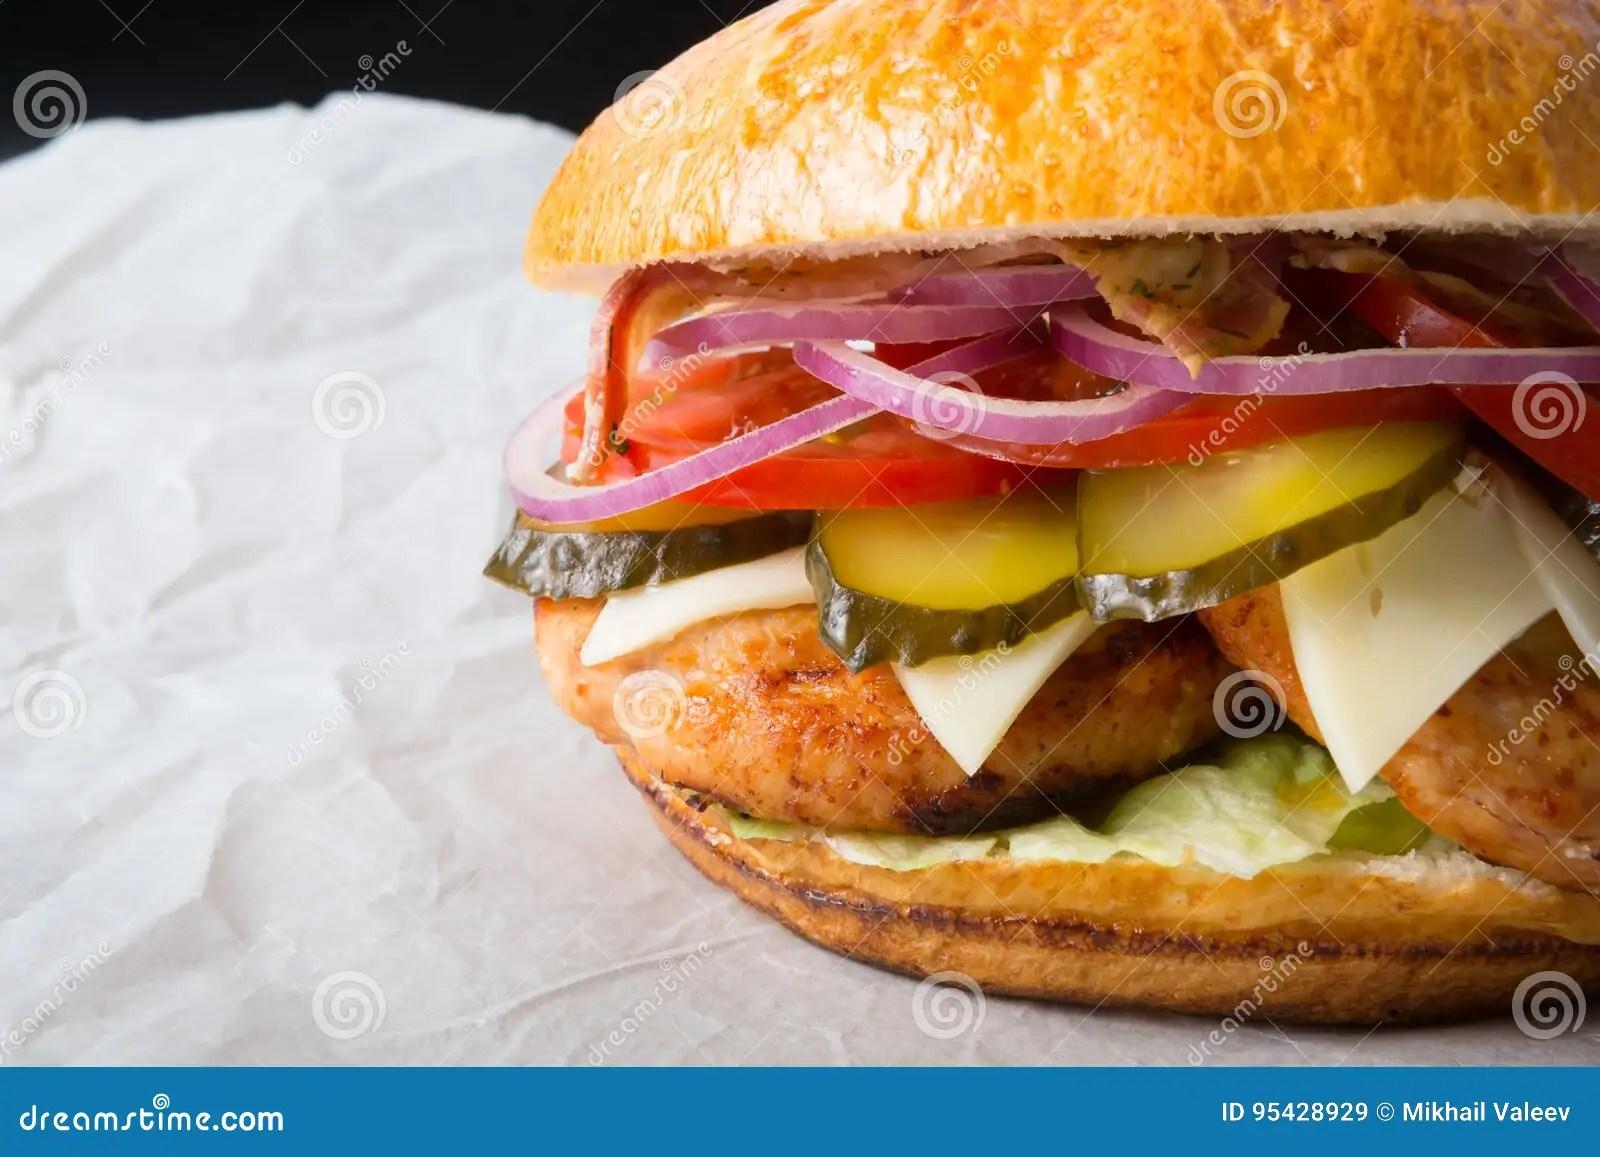 huge burger on a